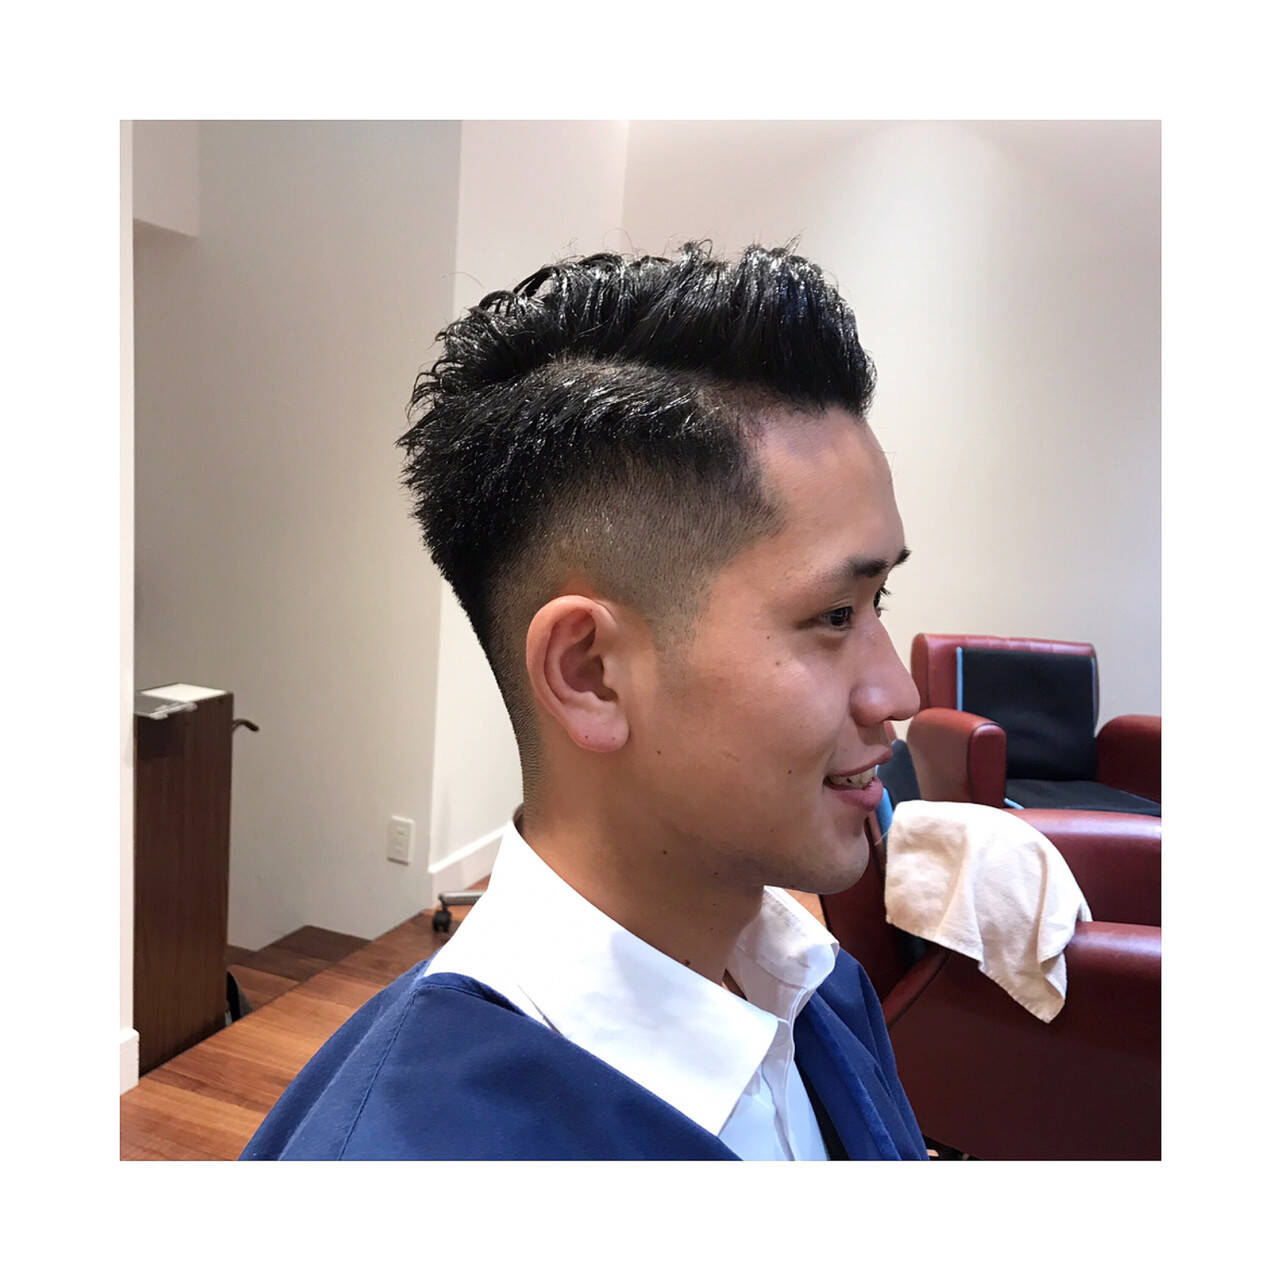 ナチュラル 刈り上げ メンズカット ショートヘアスタイルや髪型の写真・画像